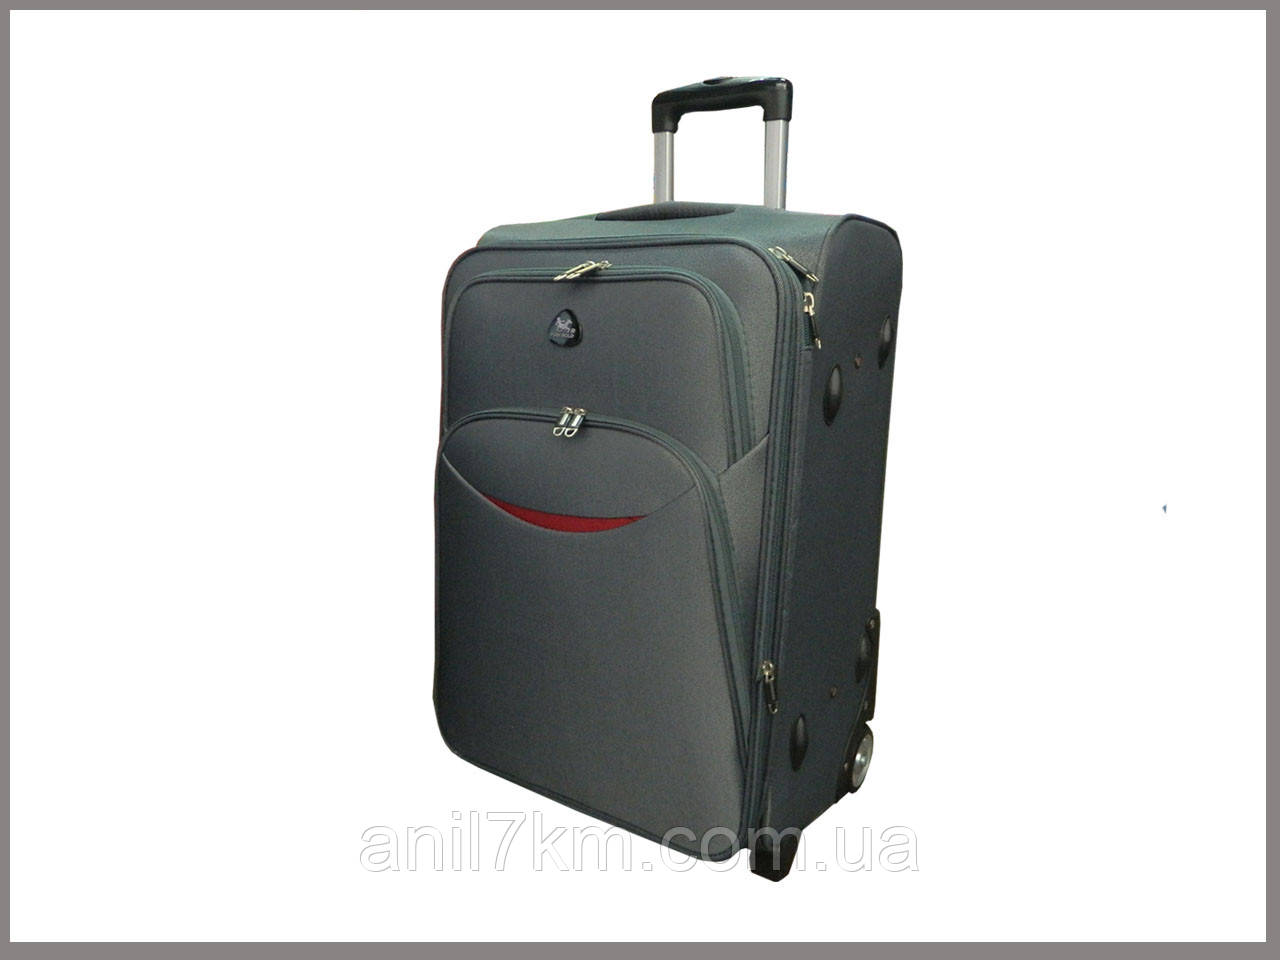 Малый чемодан на колёсах